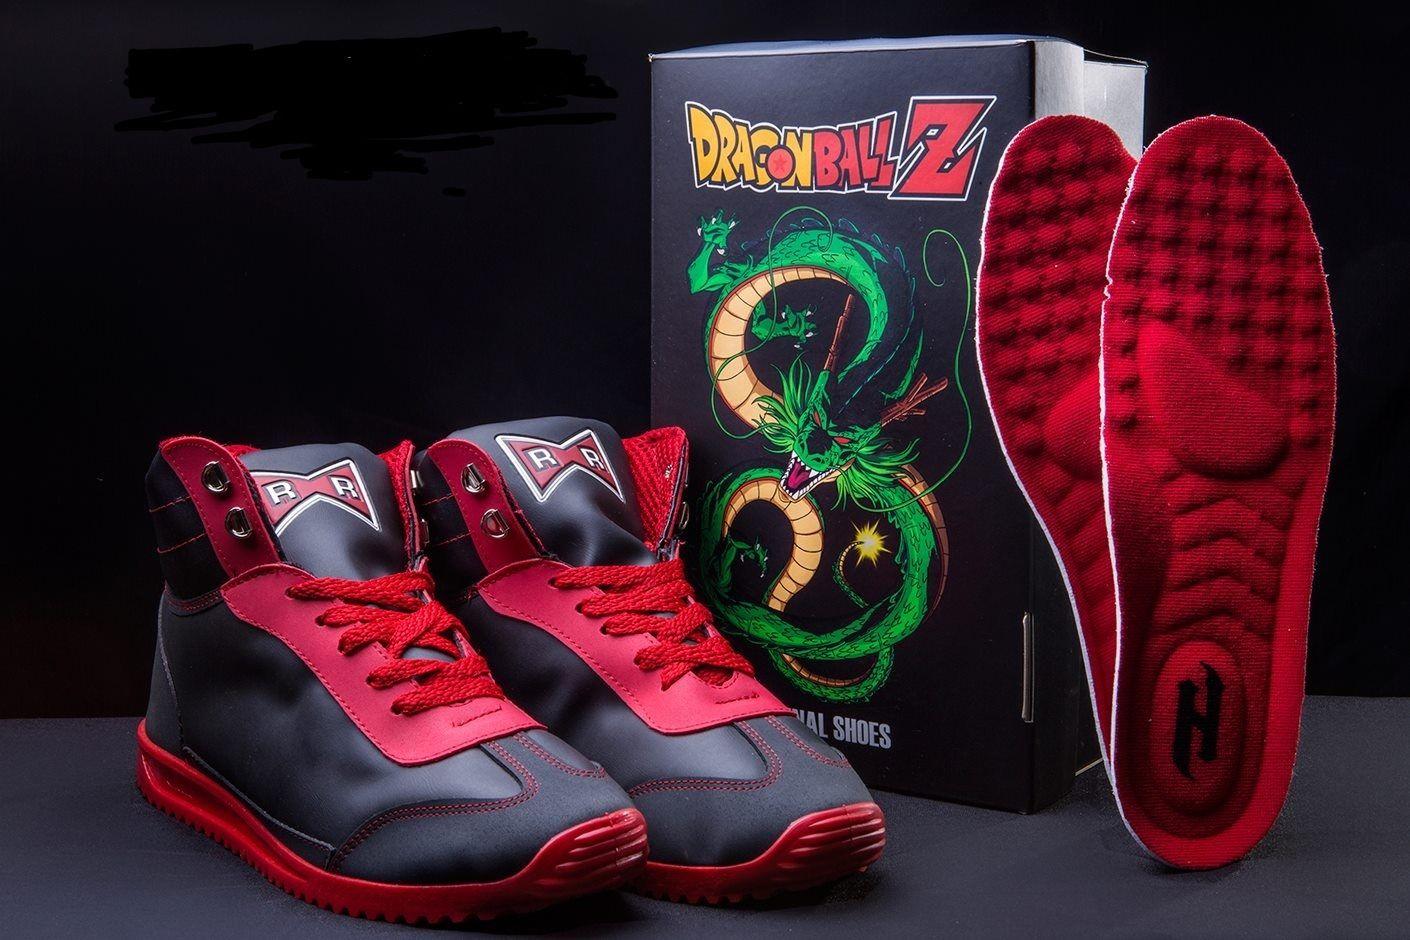 reebok dragon ball z shoes